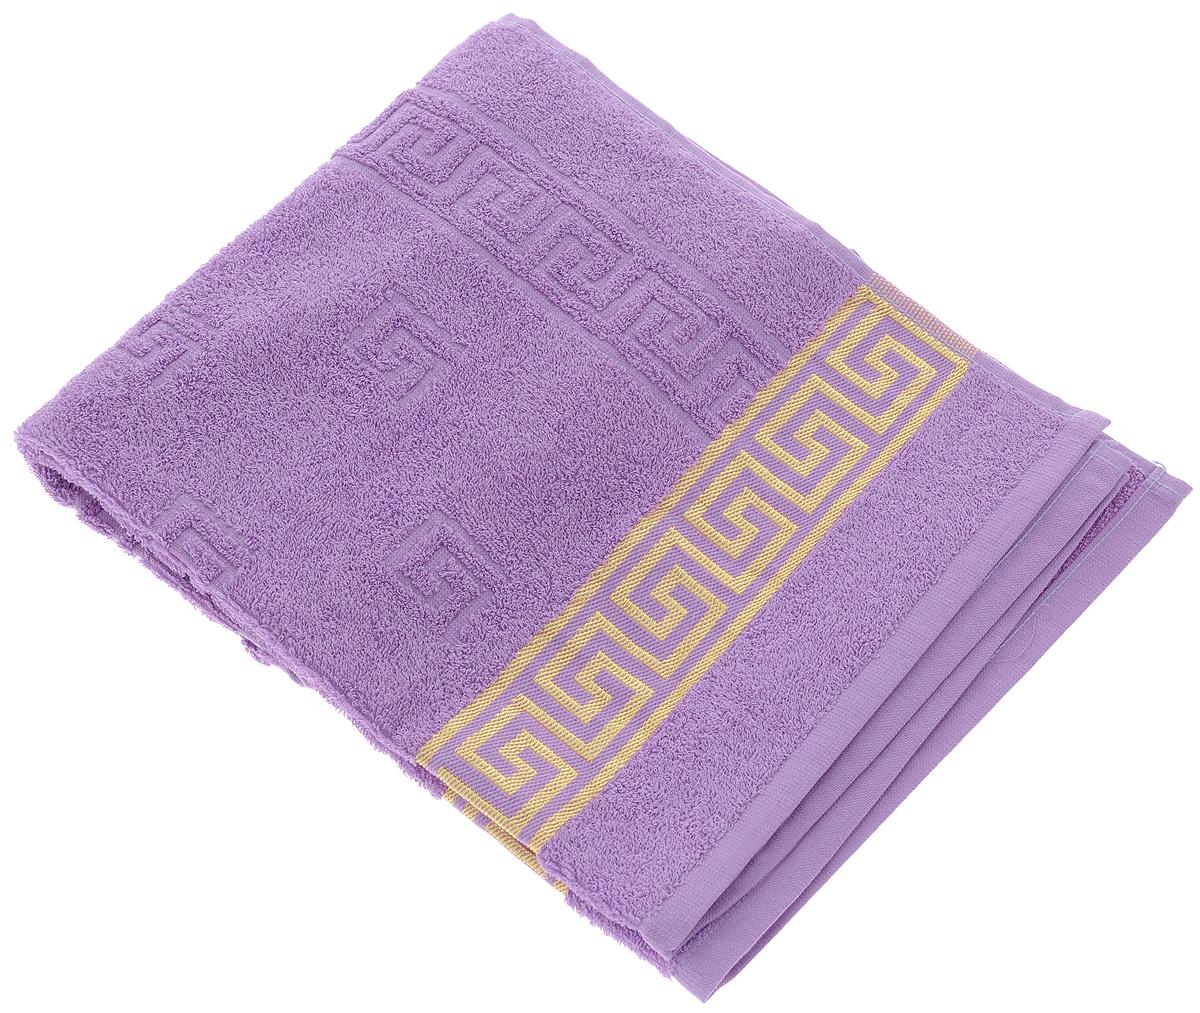 Полотенце Вышневолоцкий текстиль, цвет: сиреневый, золотистый, 90 х 50 см13752Махровое полотенце Вышневолоцкий текстиль выполнено из 100% хлопка. Изделие отлично впитывает влагу, быстро сохнет, сохраняет яркость цвета и не теряет форму даже после многократных стирок. Такое полотенце очень практично и неприхотливо в уходе. Оно украсит интерьер в ванной комнате, а также подарит ощущение заботливой нежности и удивительного комфорта. Рекомендуется стирка при температуре 60°C.